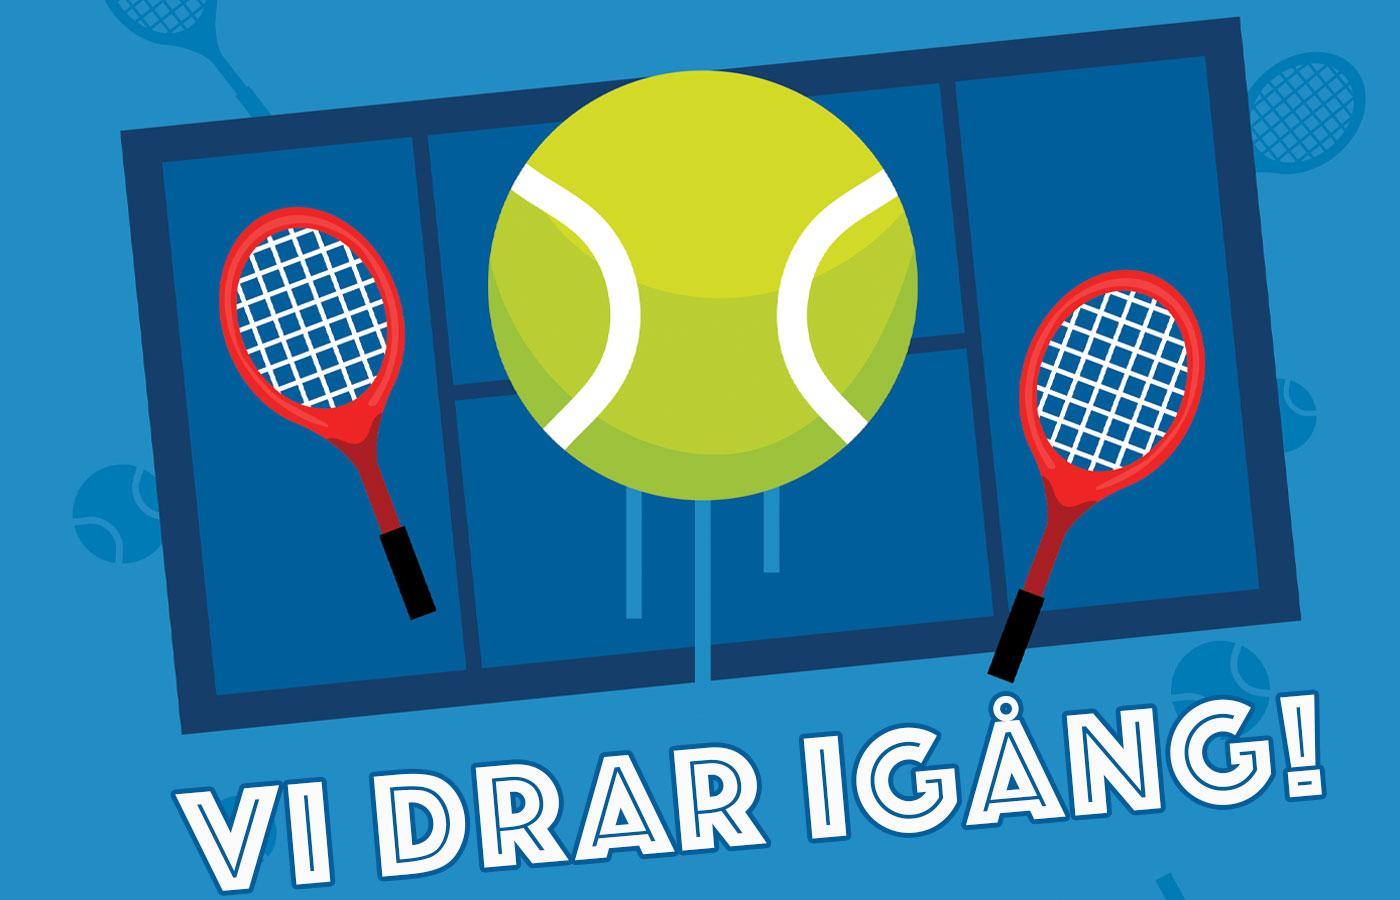 drarigangf